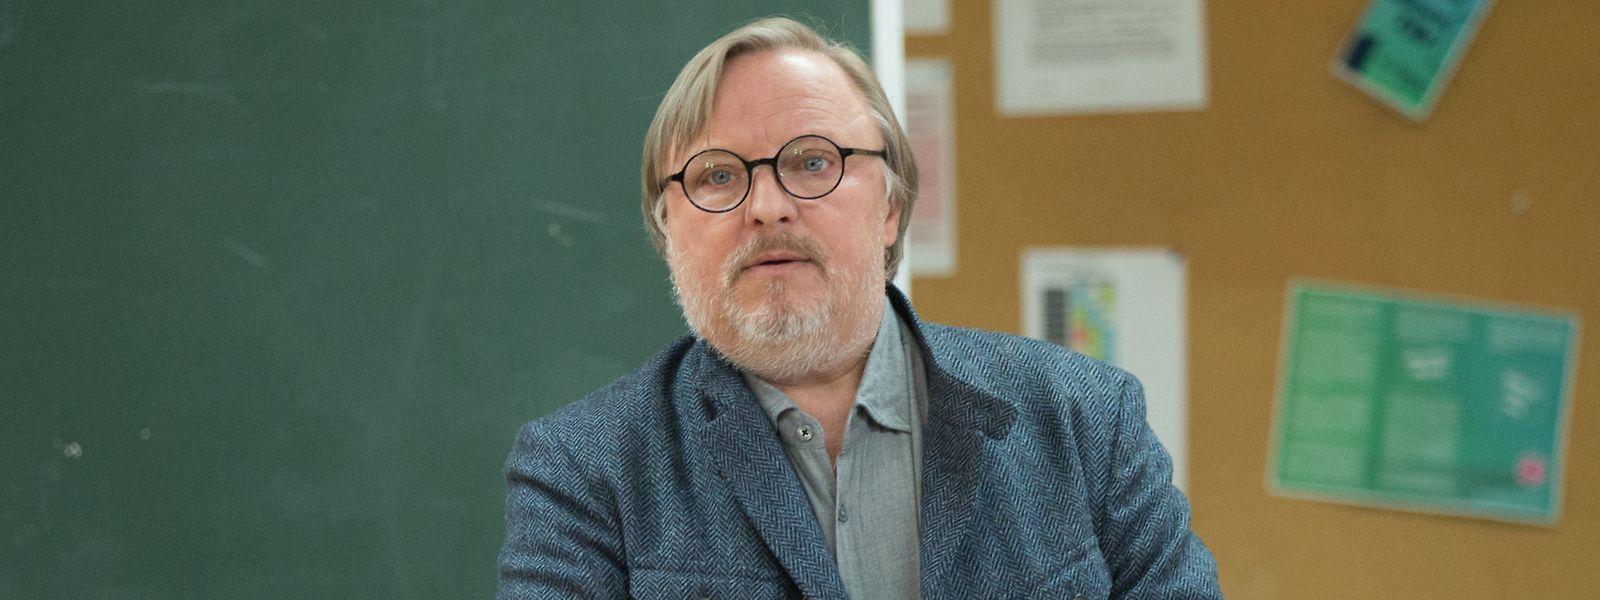 Ralph Friesner (Axel Prahl) fängt die Unterrichtsstunde an, die Schüler beteiligen sich dabei nur mäßig.